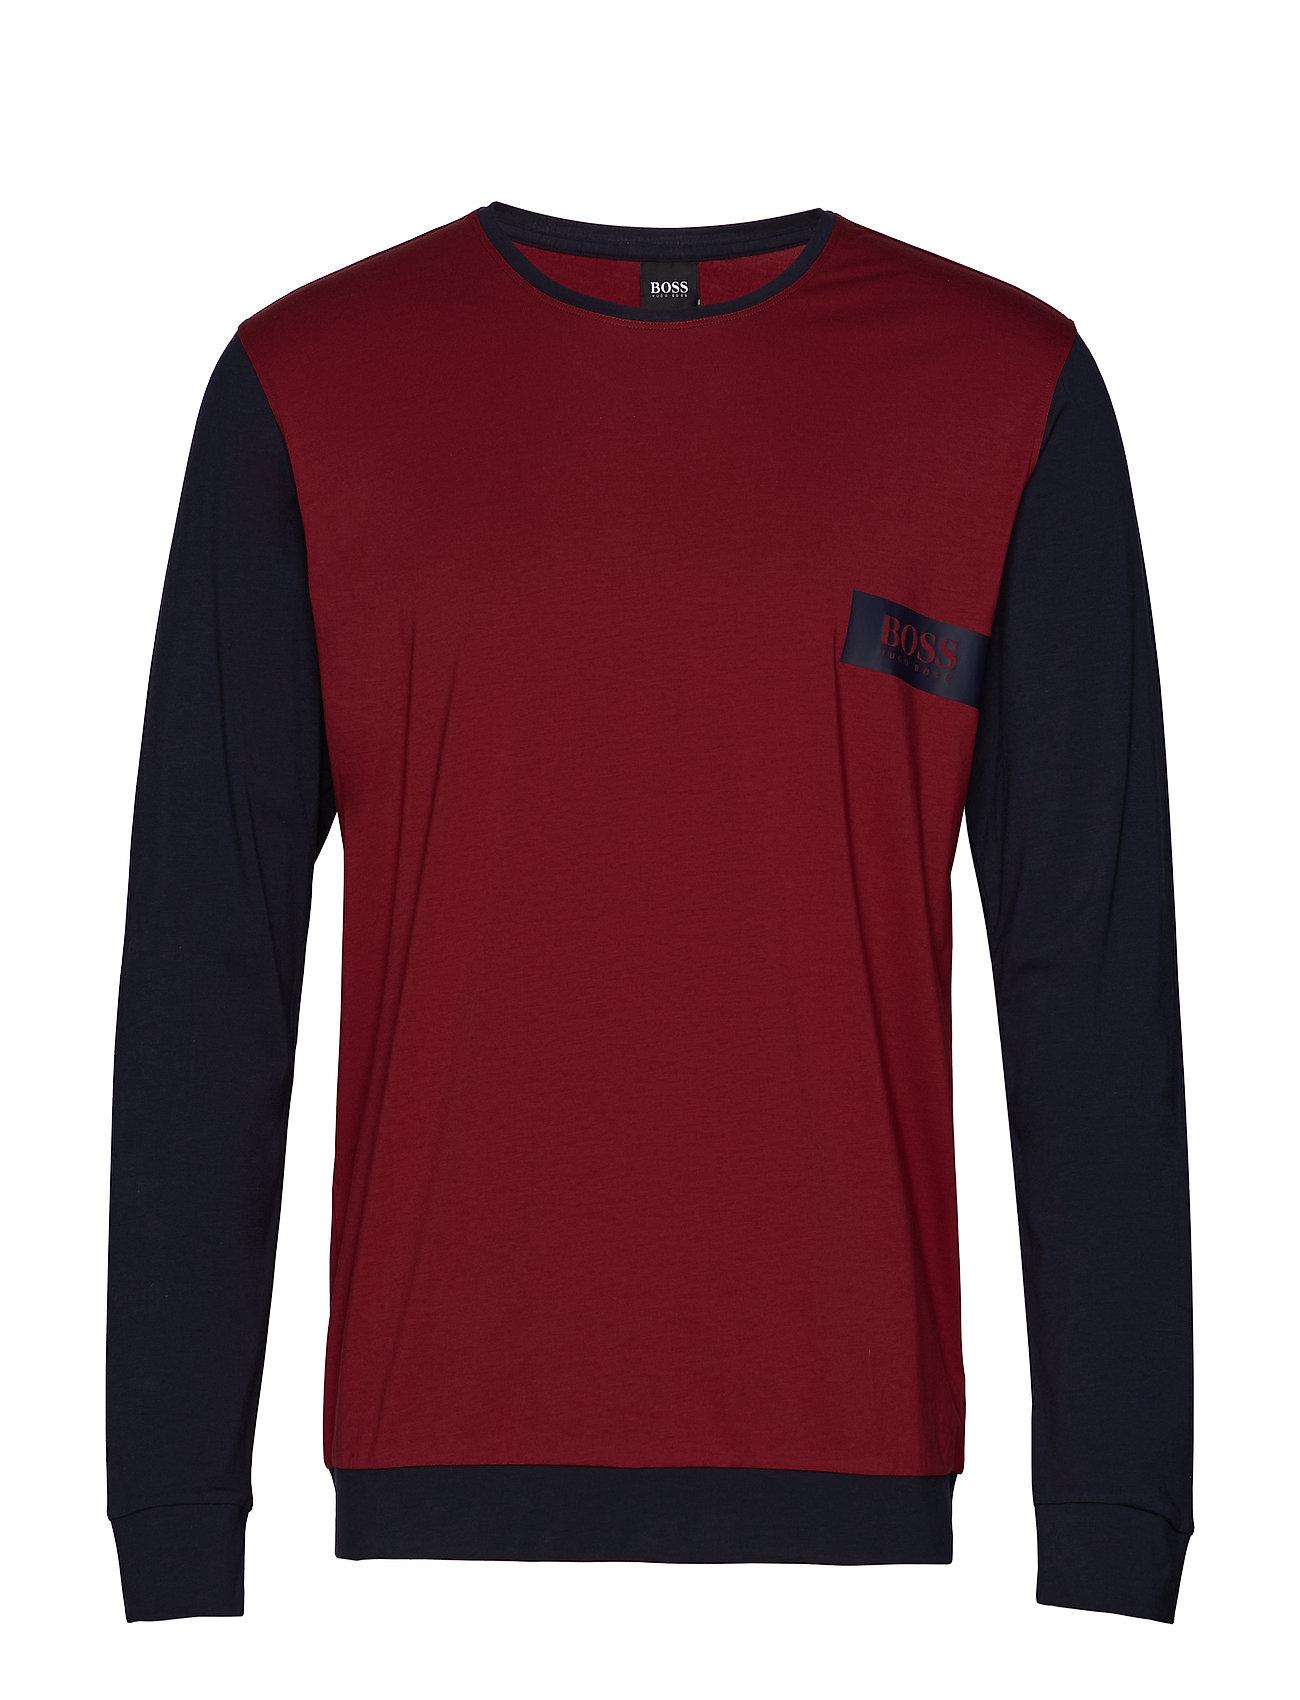 BOSS Business Wear Balance LS-Shirt RN - DARK RED